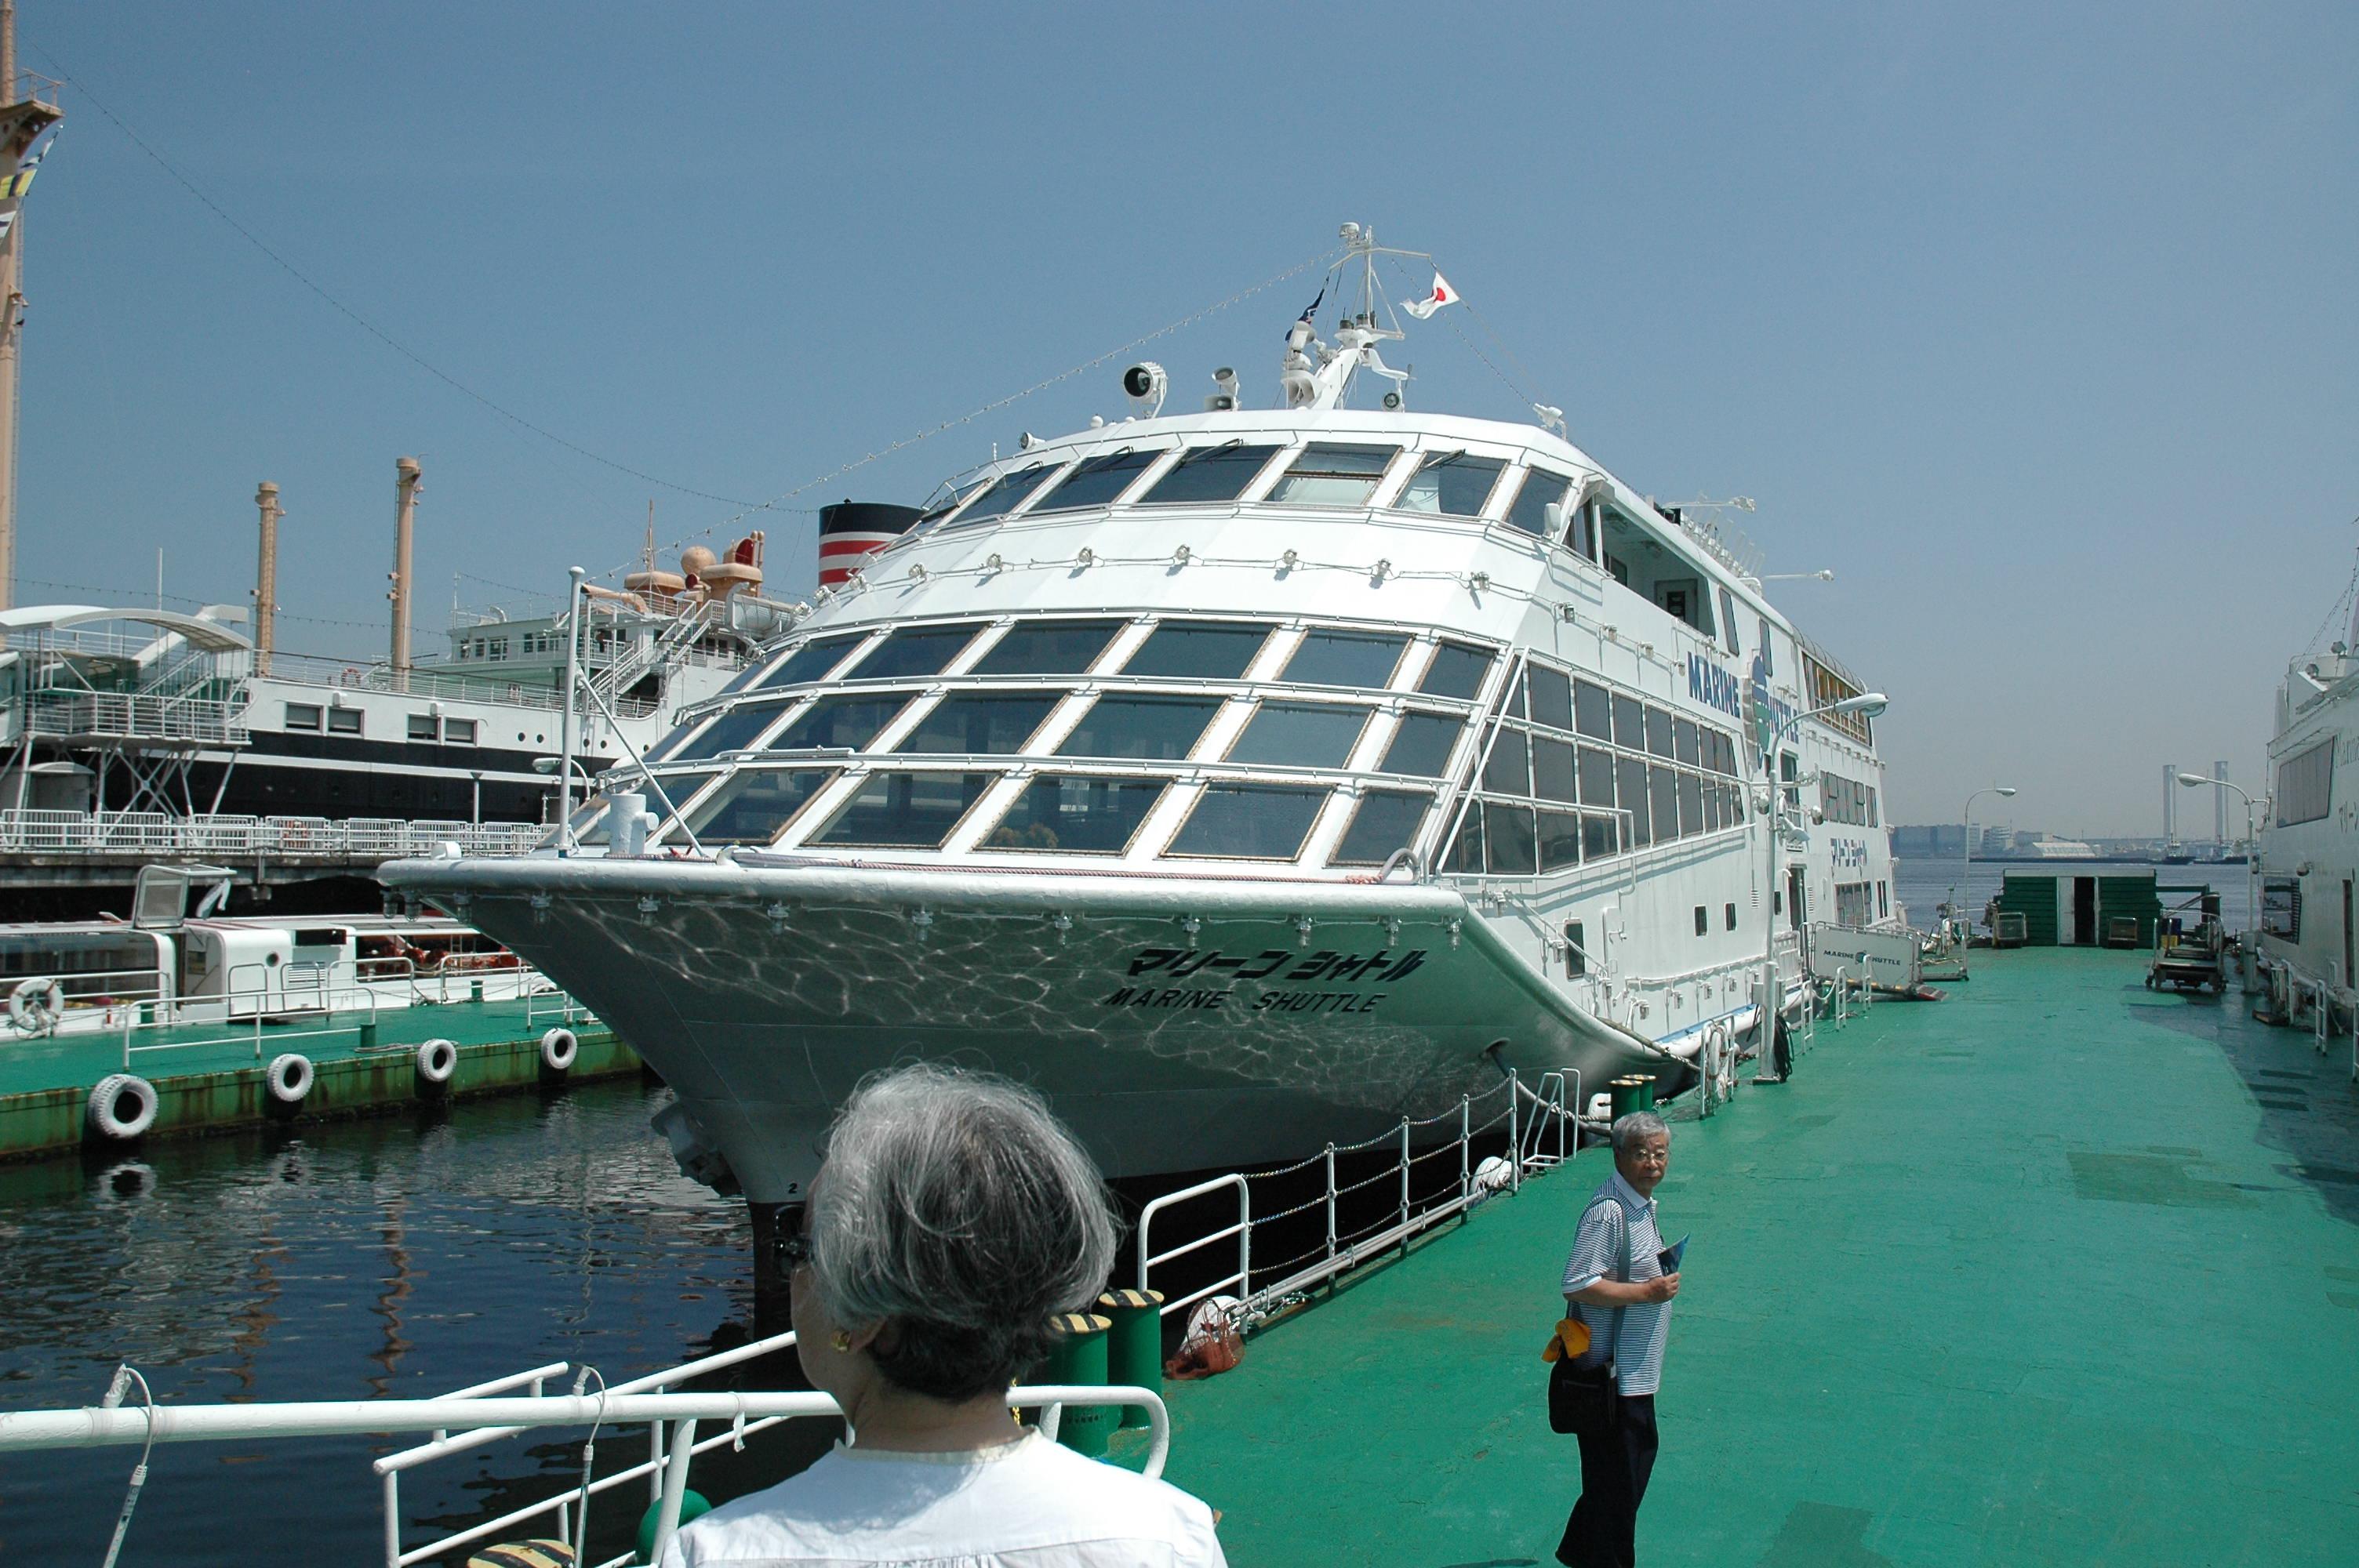 【開催レポート】マリーンシャトルに乗船!横浜港見学会